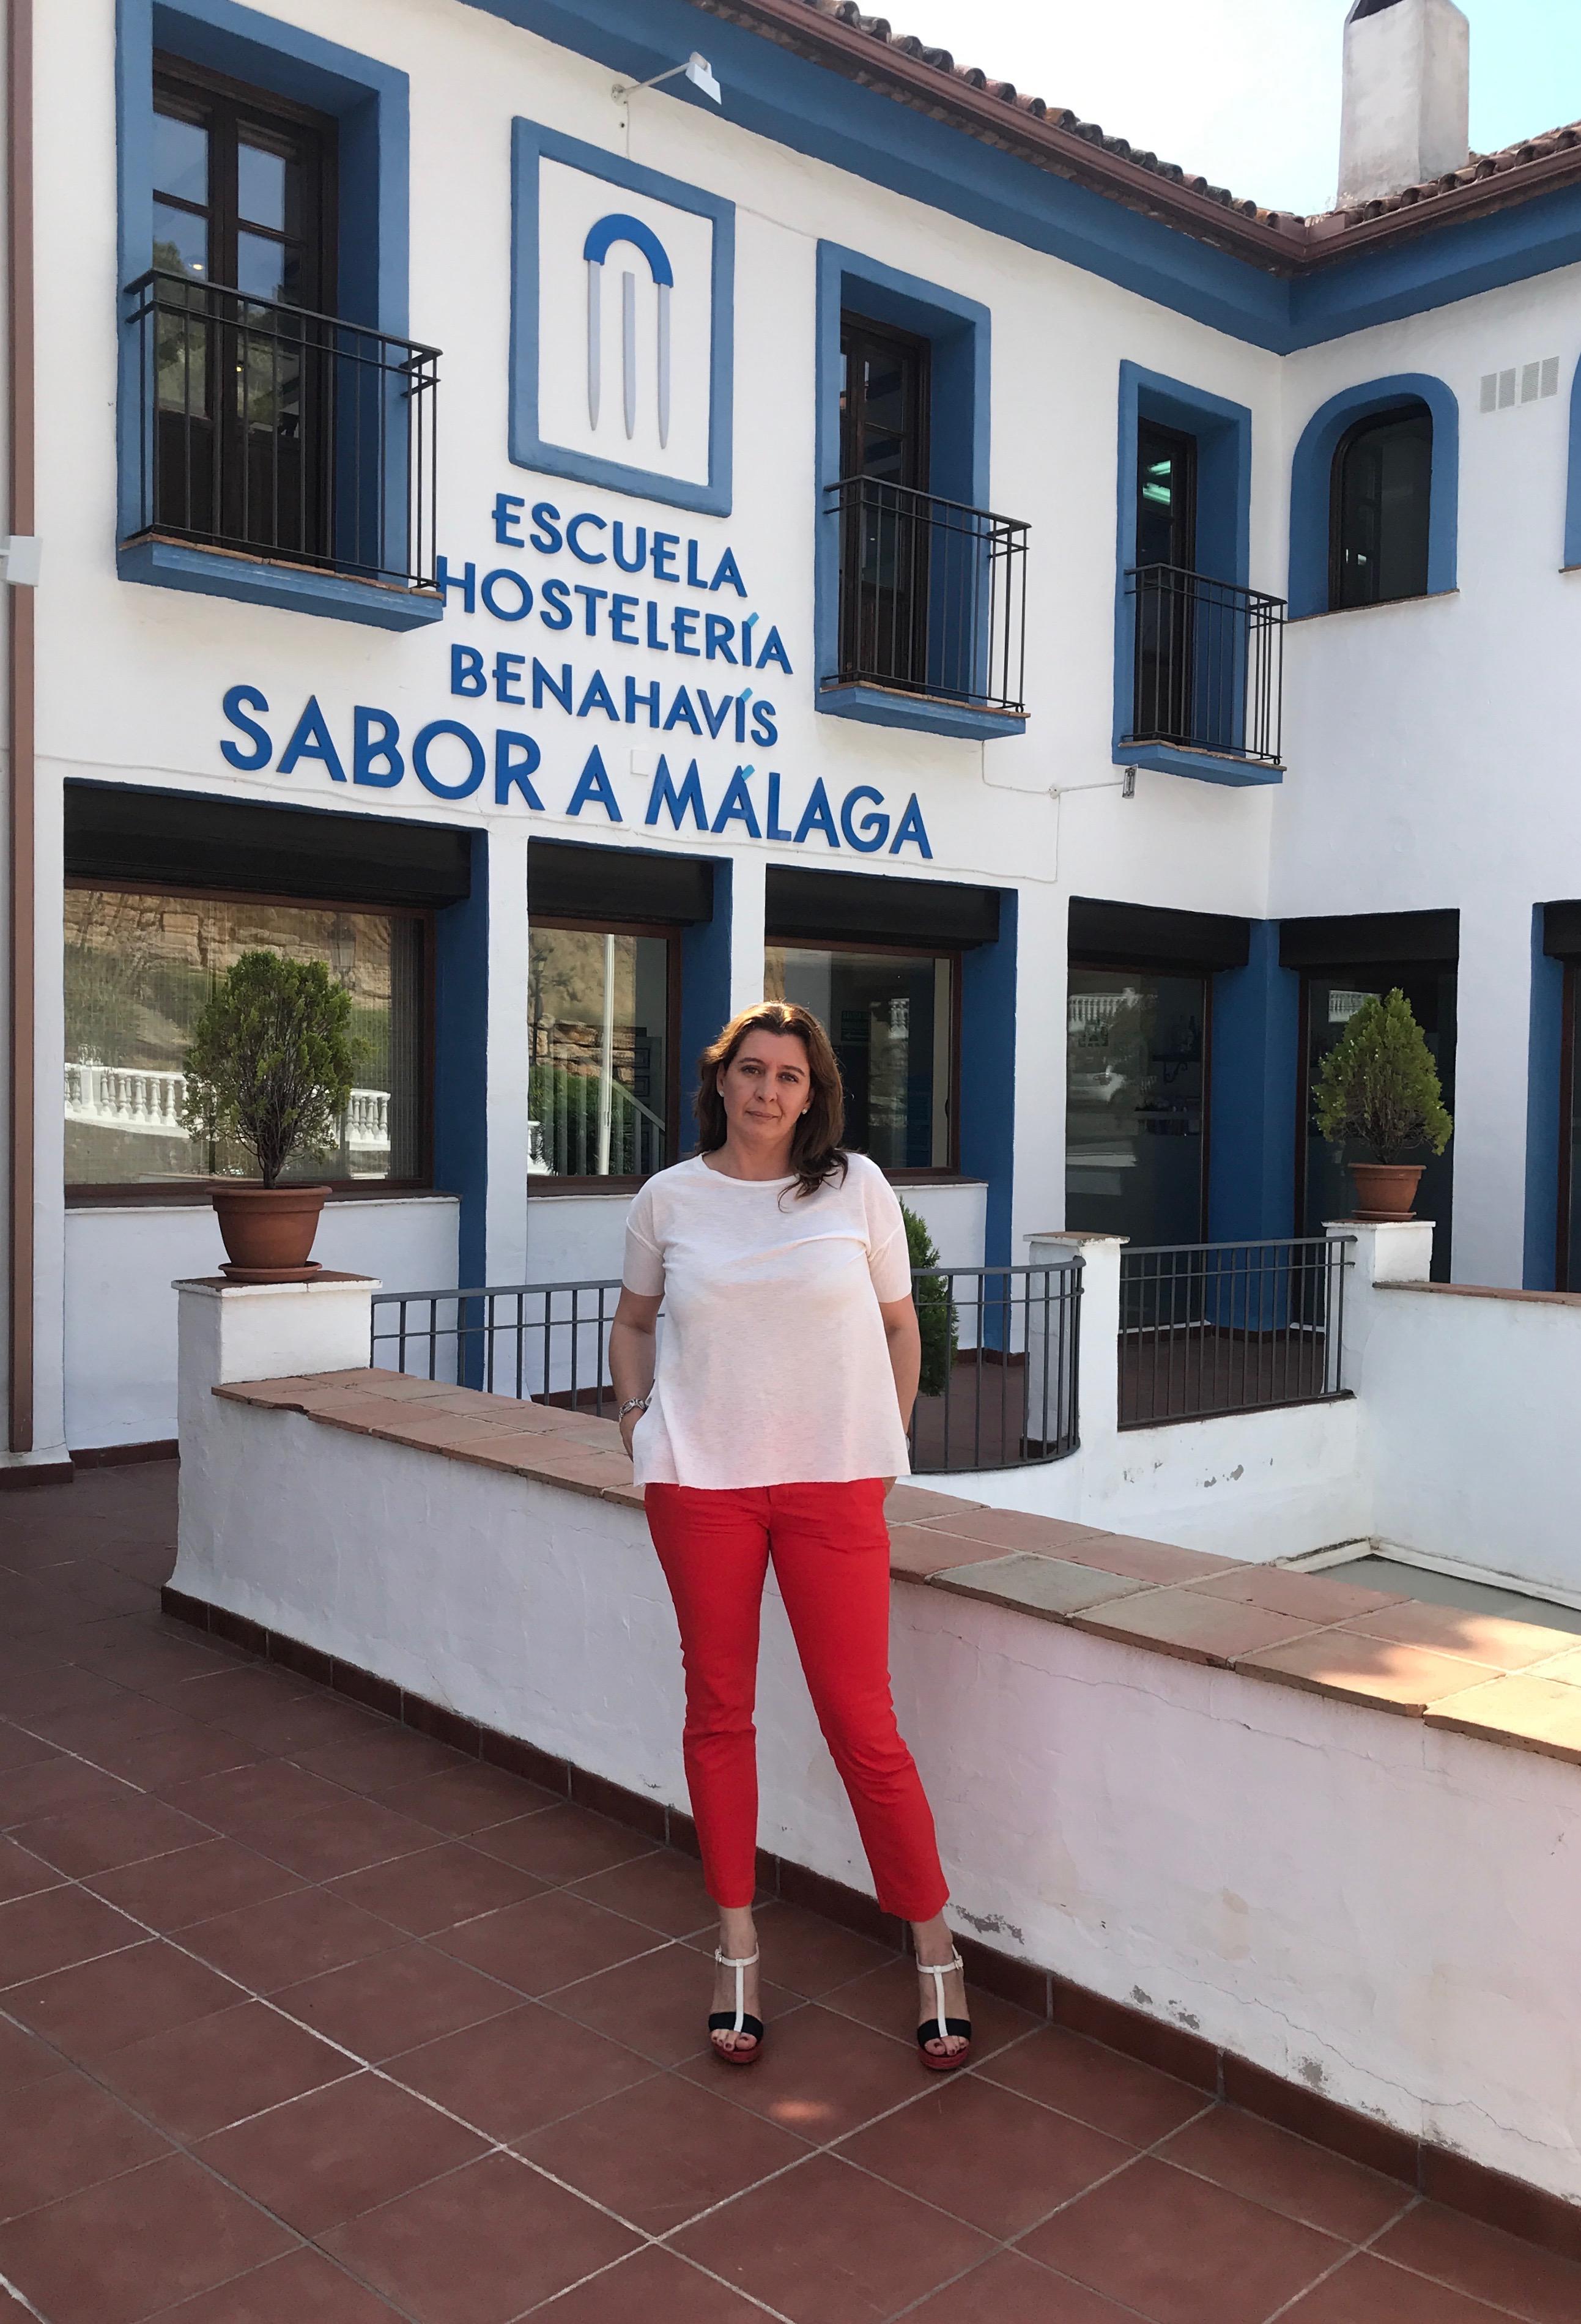 La Escuela de Hostelería de Benahavís Sabor a Málaga gana en unos meses el premio Cordon Bleu, Marbella Cocina y OTC Inter Escuelas de coctelería